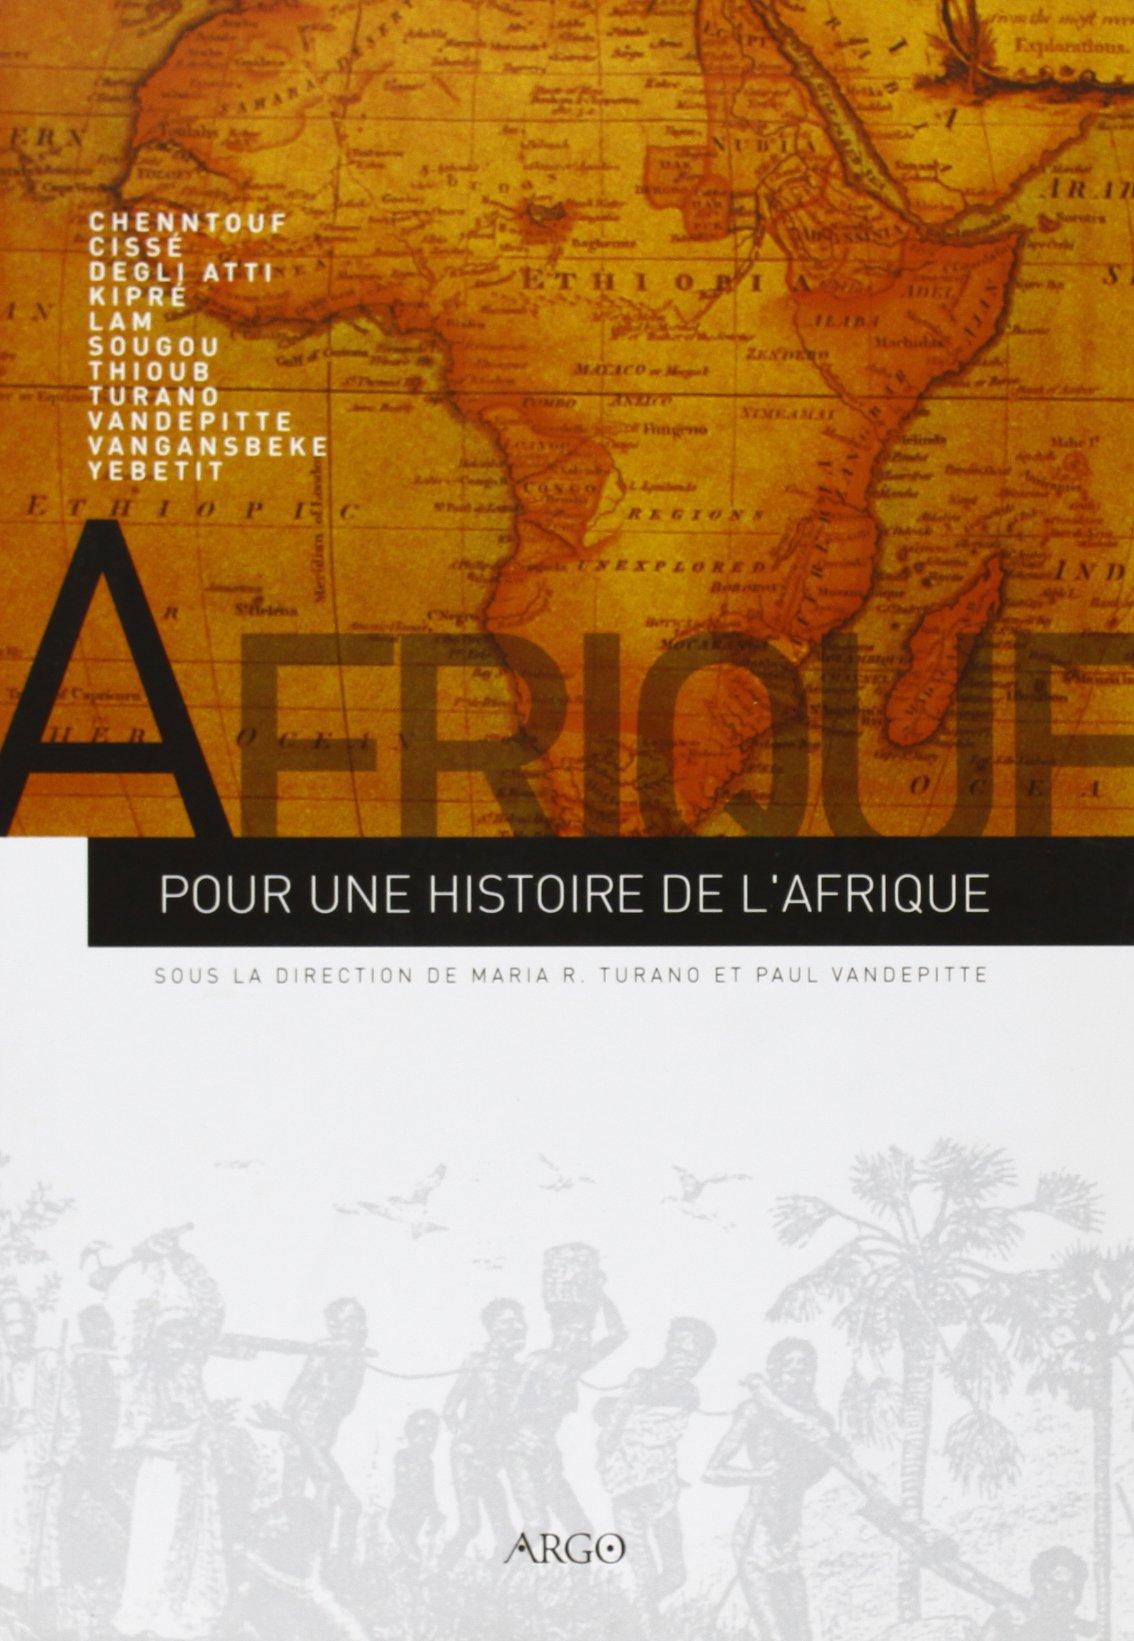 Pour une Histoire de l'Afrique